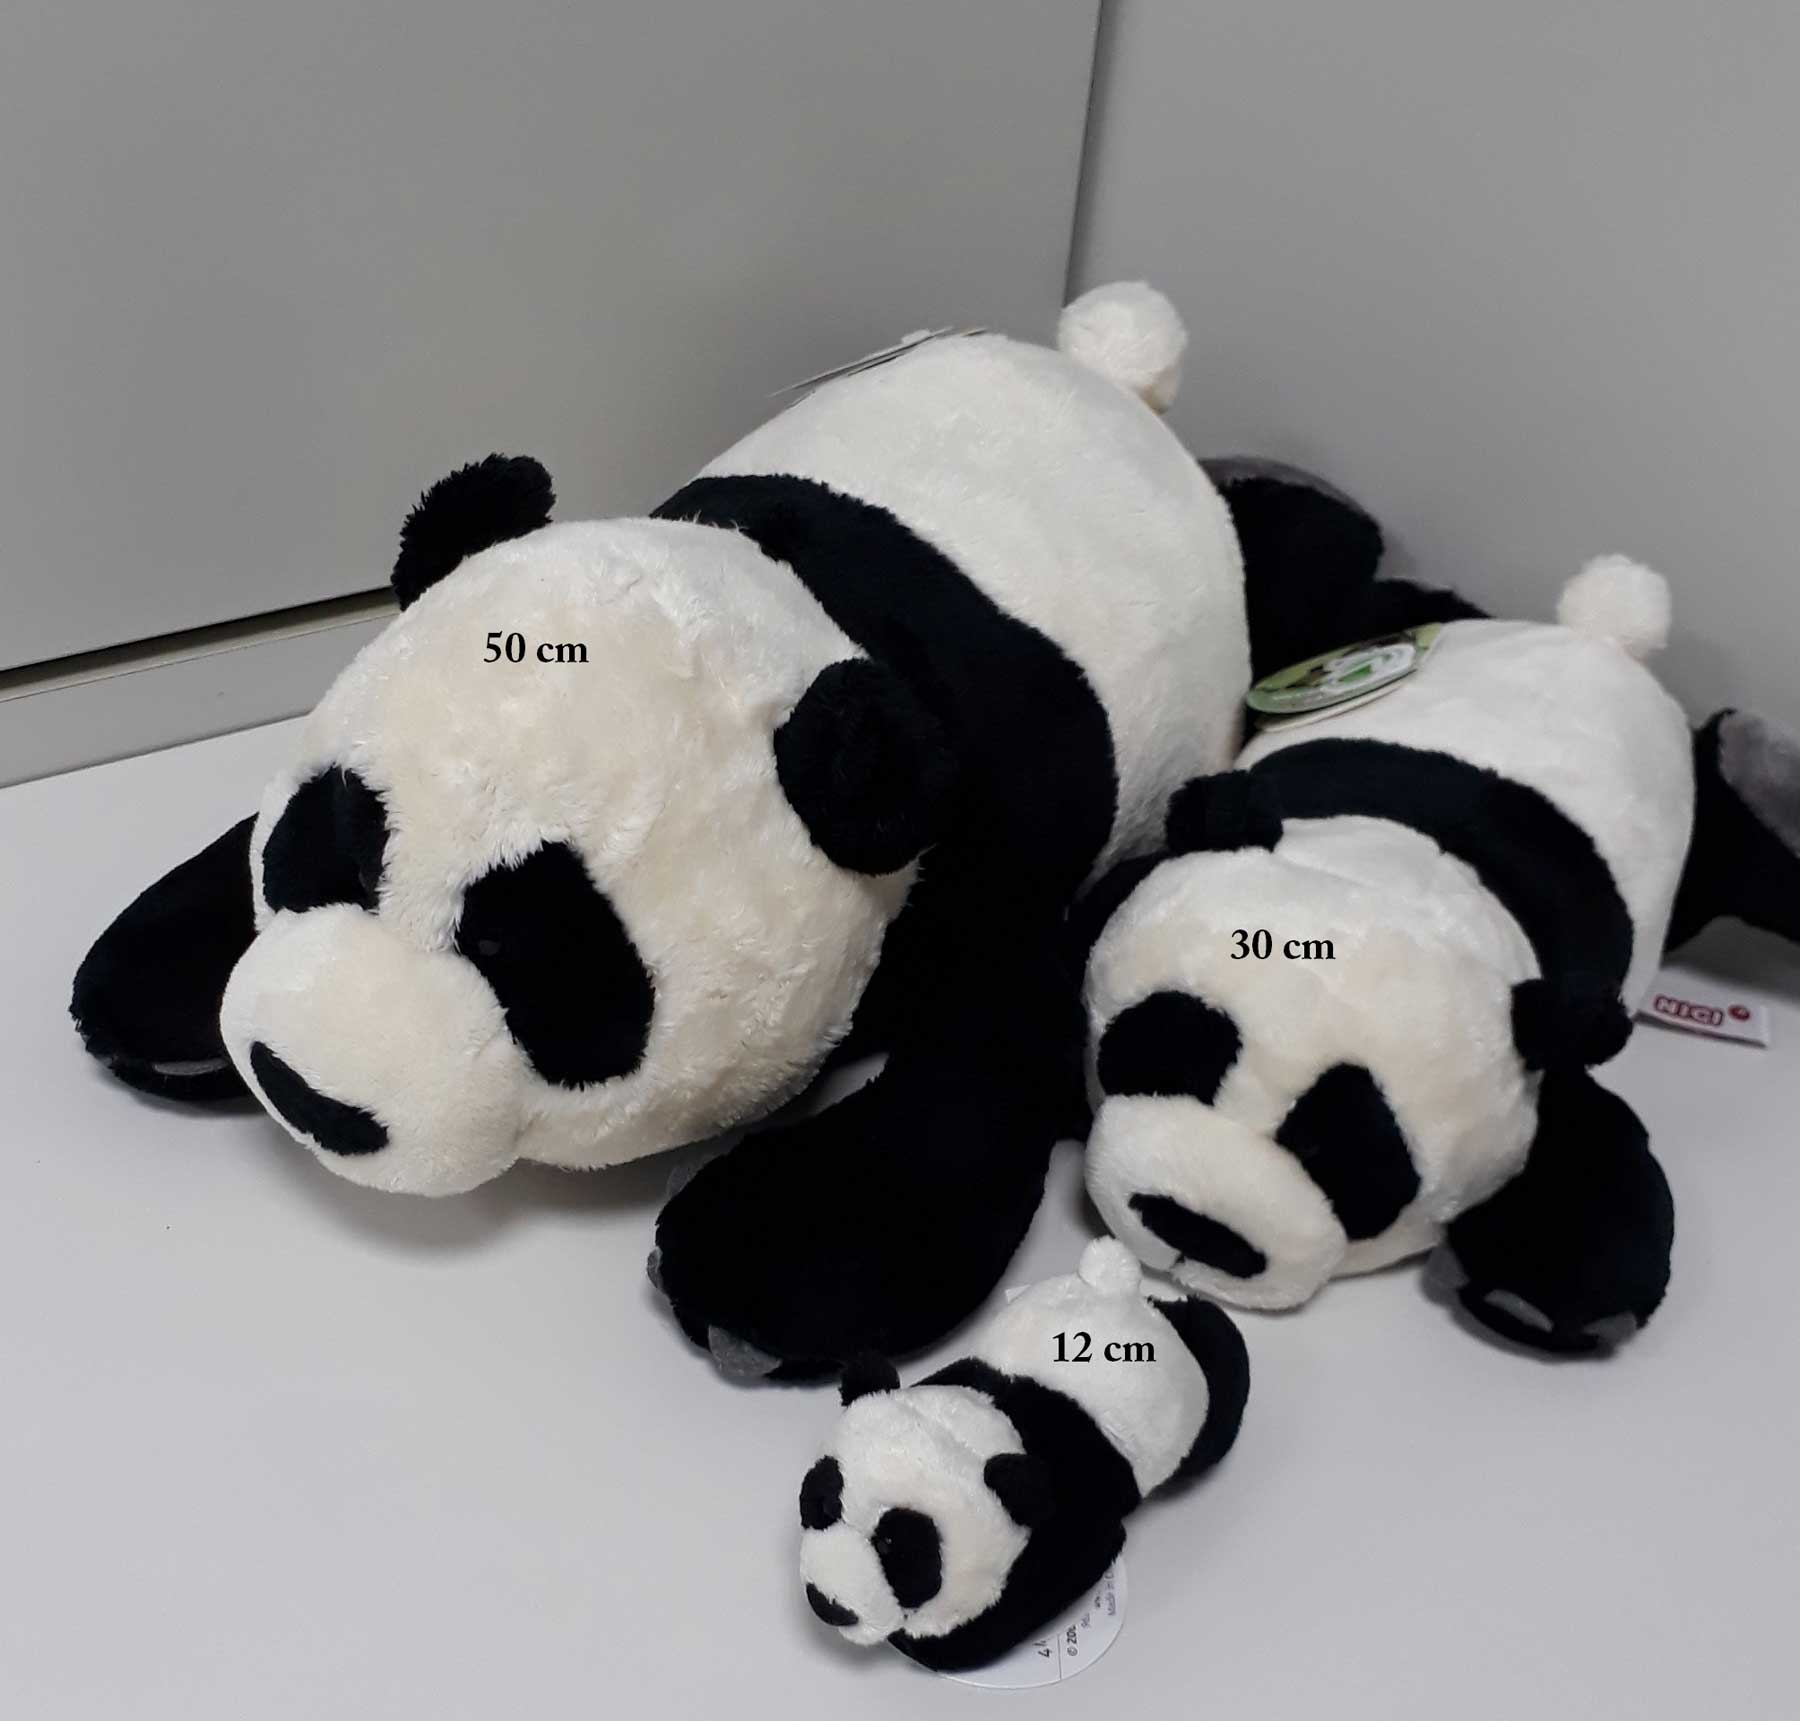 Urso de Pelúcia Panda Nici 50cm deitado Ursinho para decoração presente namorada natal ano novo amigo secreto festa eventos artesanato enfeite